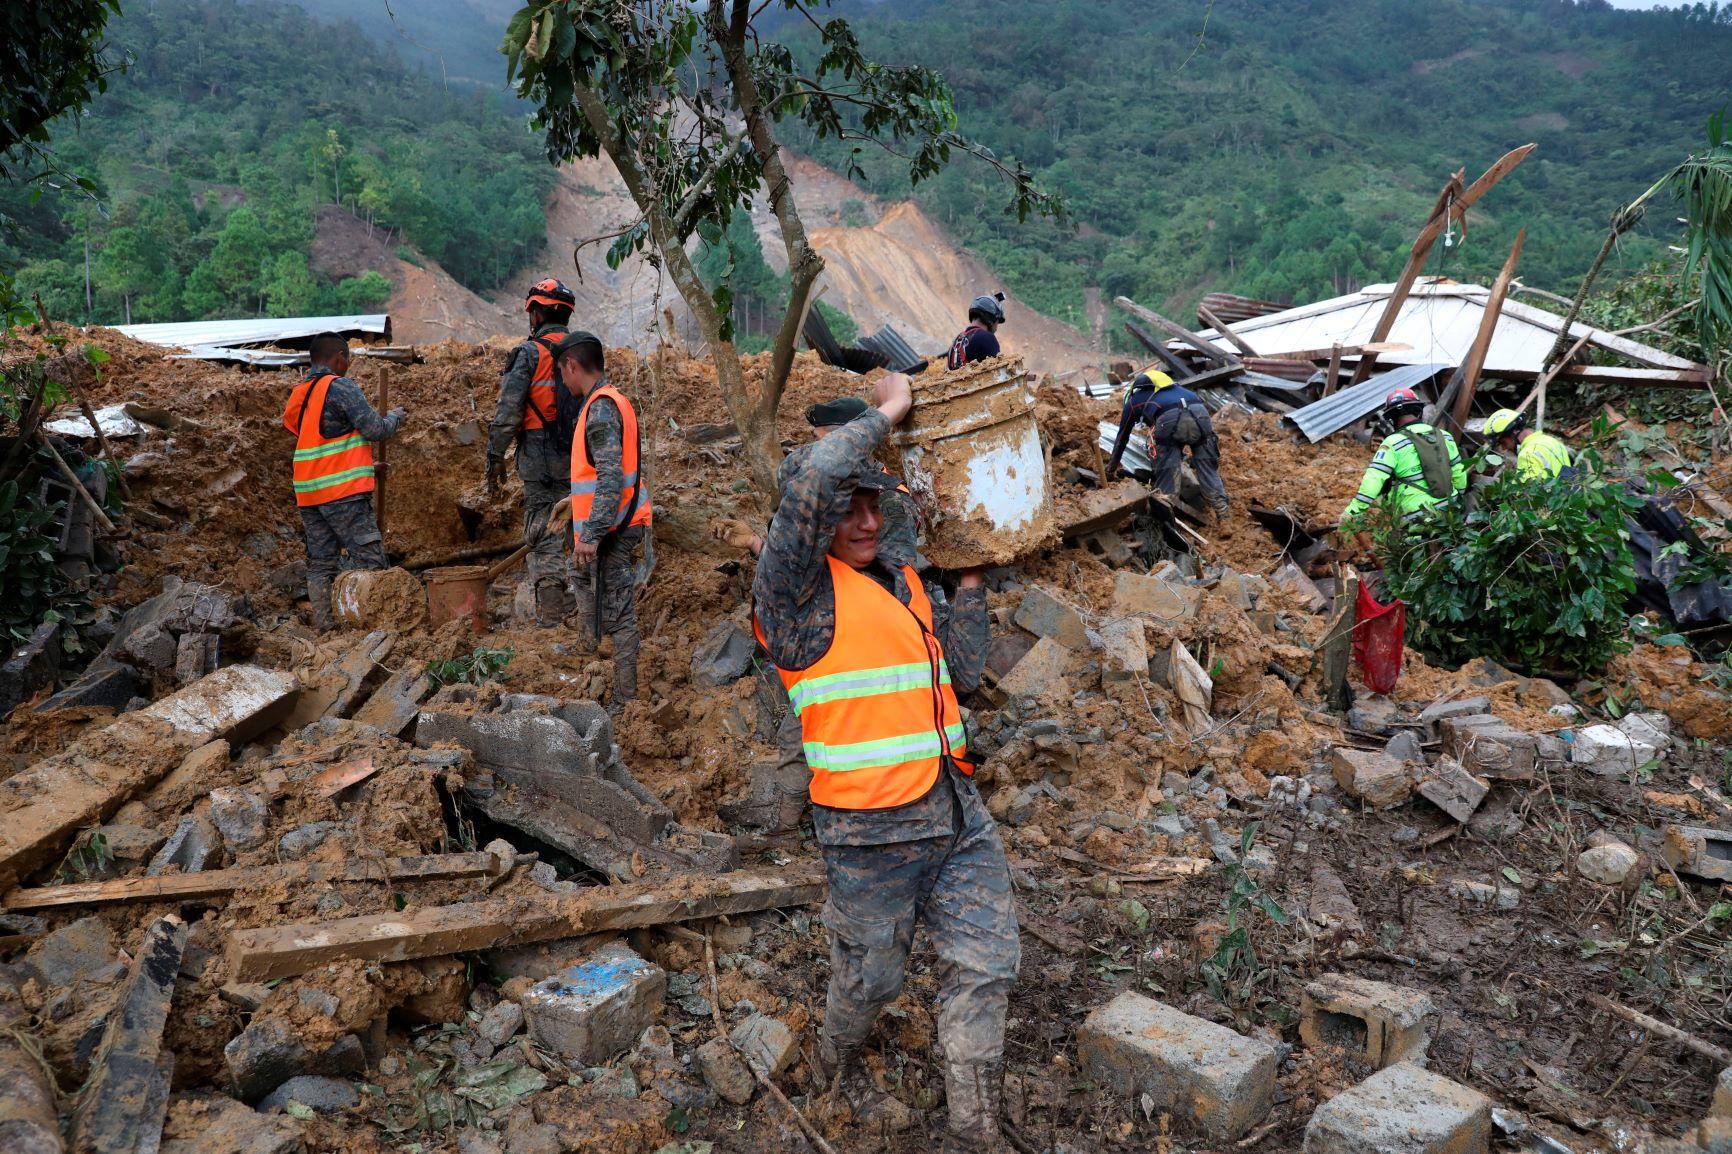 Soldados e bombeiros tentam resgatar sobreviventes após deslizamento de terra na passagem do furacão Eta pela Guatemala: pelo menos, 150 mortos e desaparecidos no município de San Cristóbal Vazques (Foto: Esteban Biba/AFP)